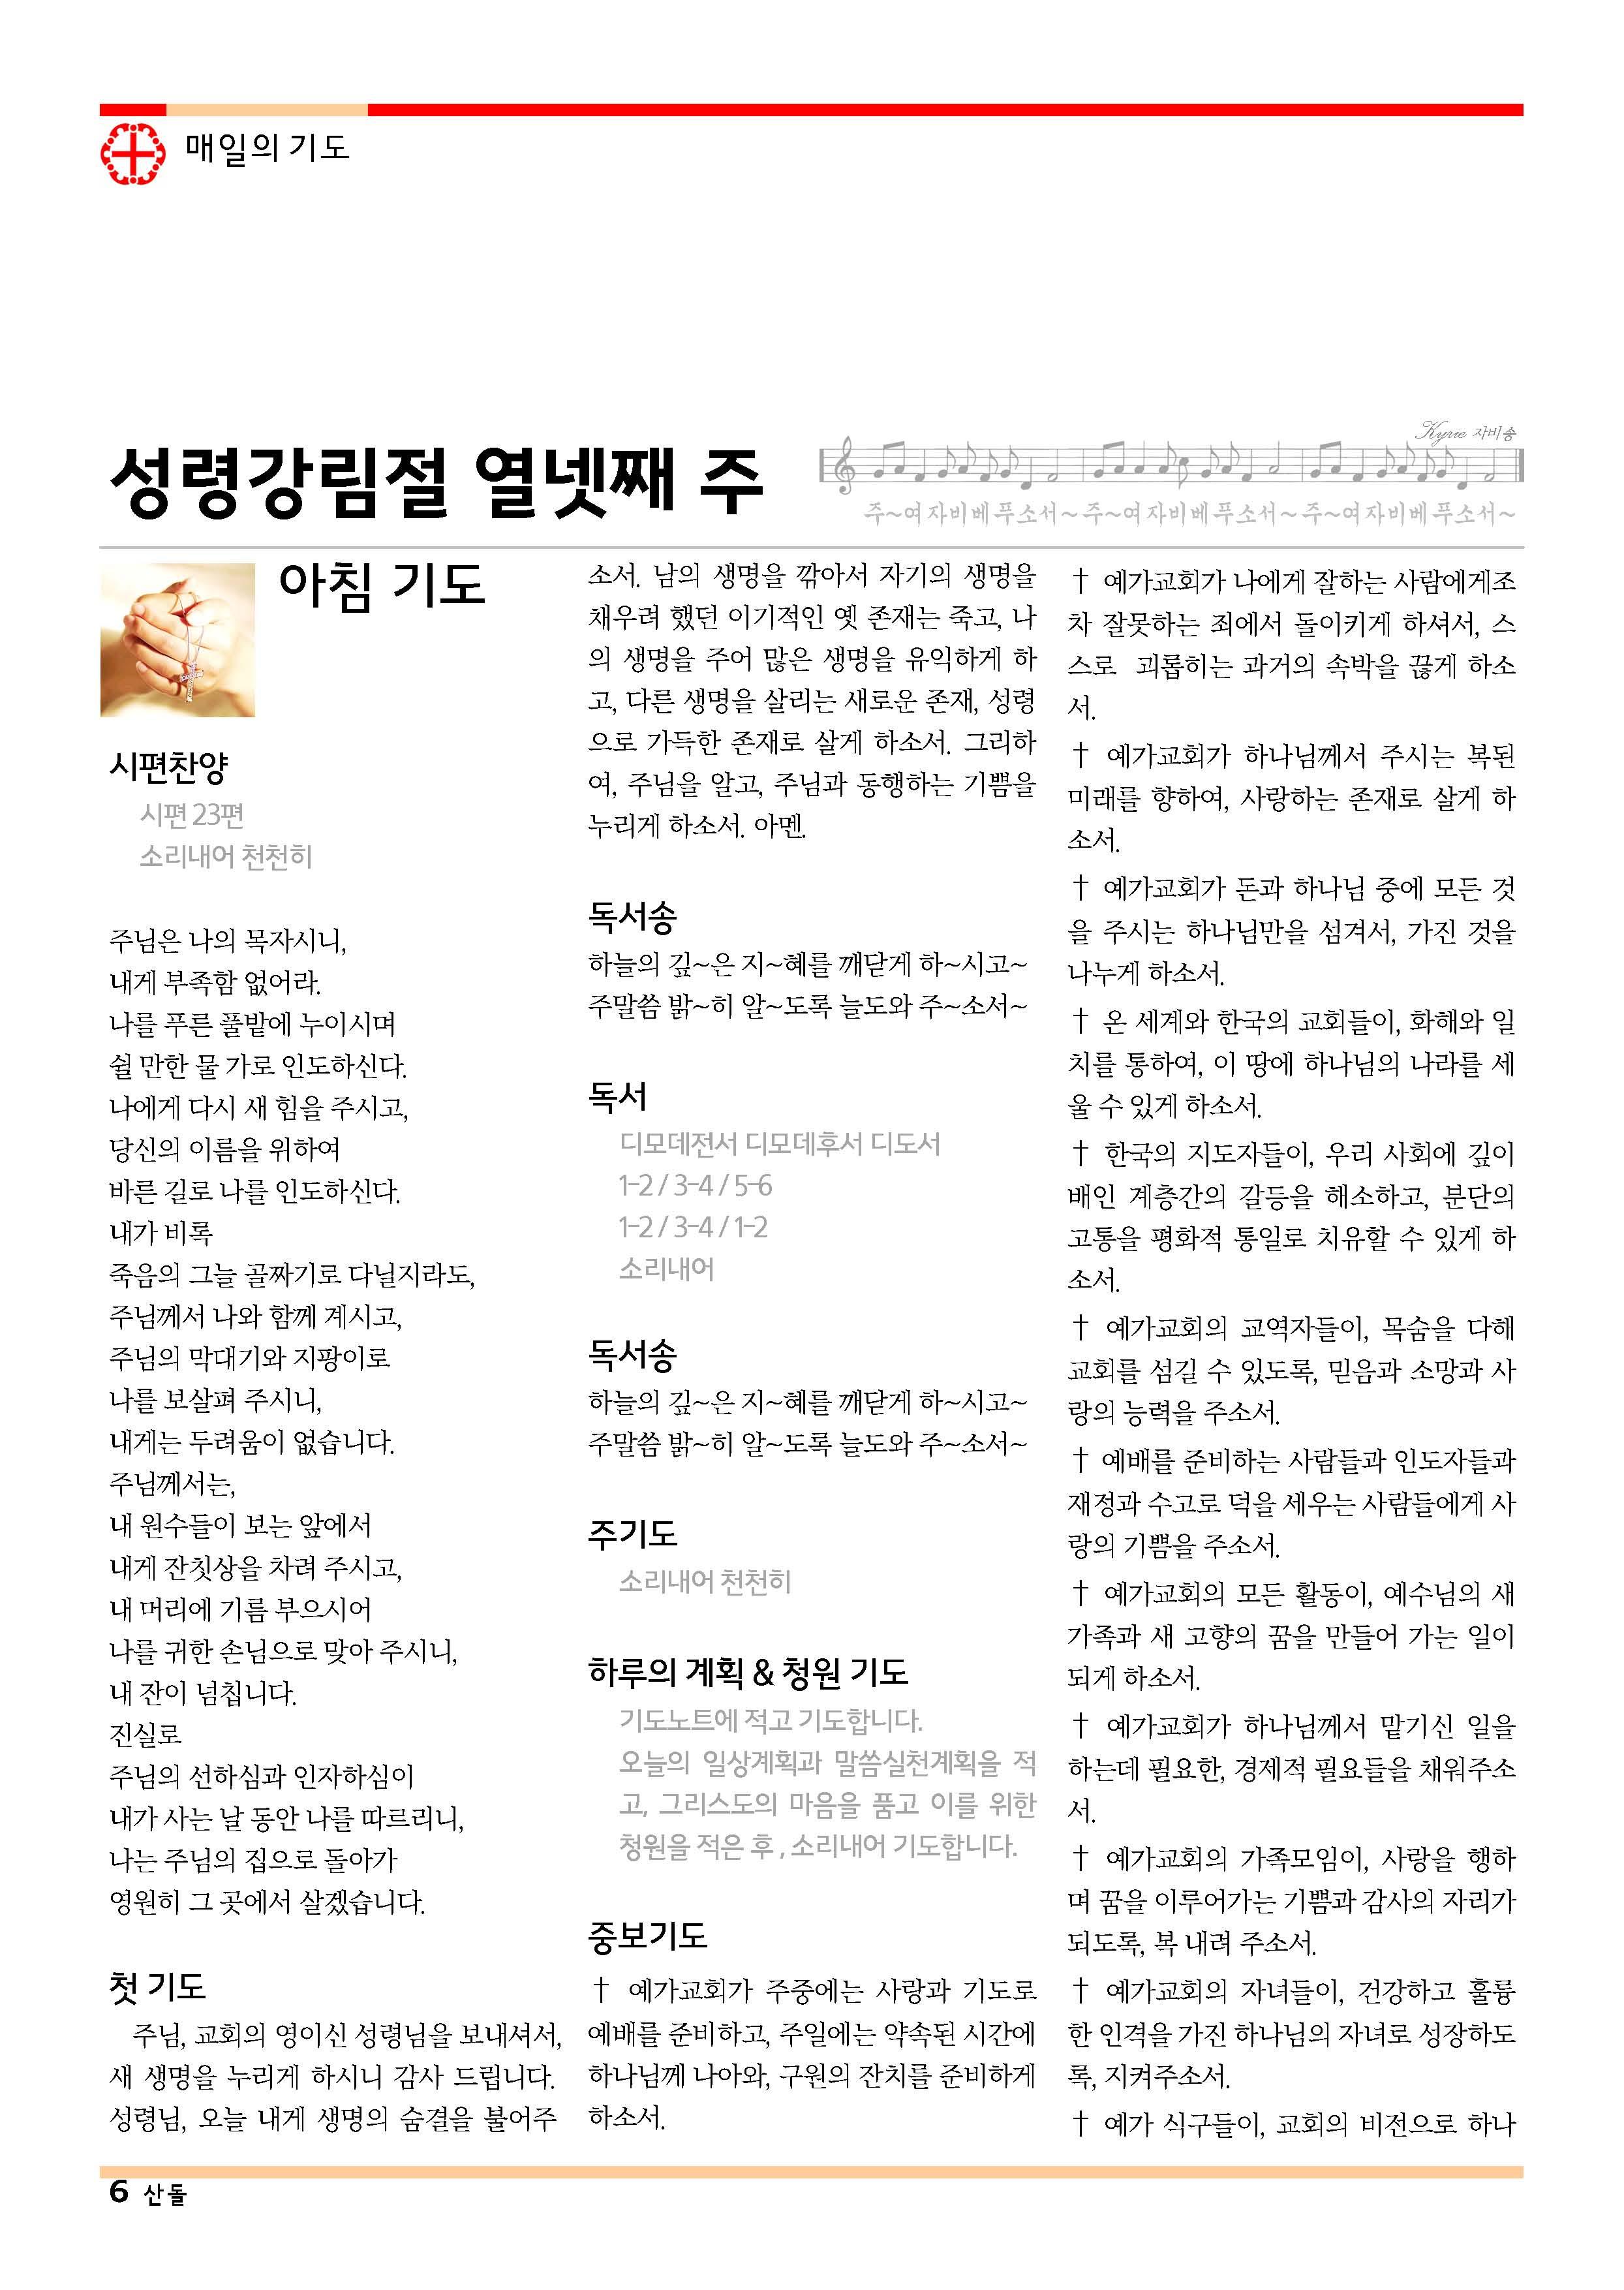 13sdjb0818_Page_06.jpg